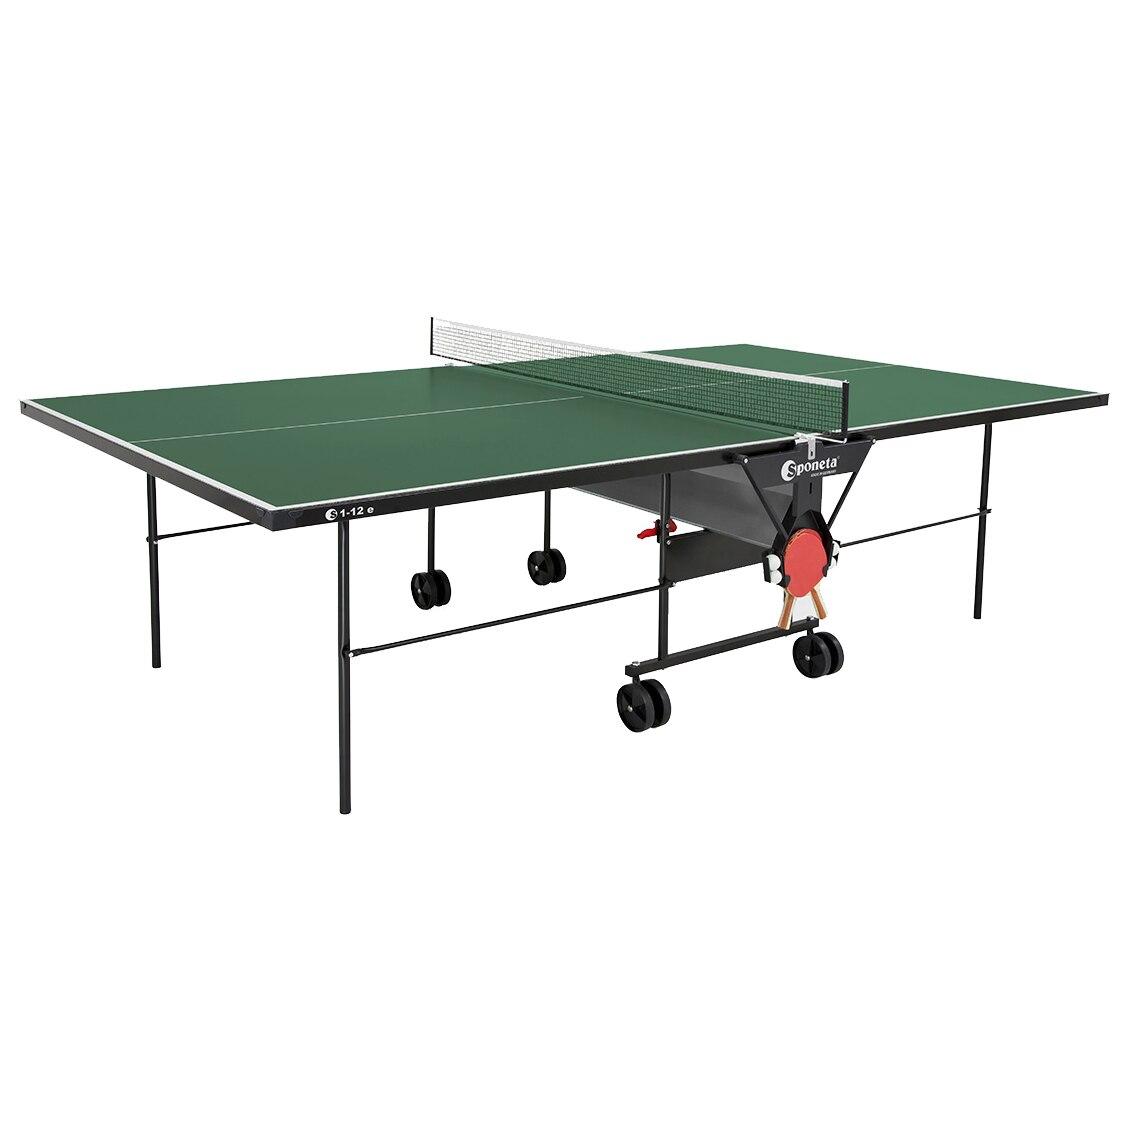 Fotografie Masa tenis Sponeta S 1-12 e, pentru exterior, verde, fileu inclus